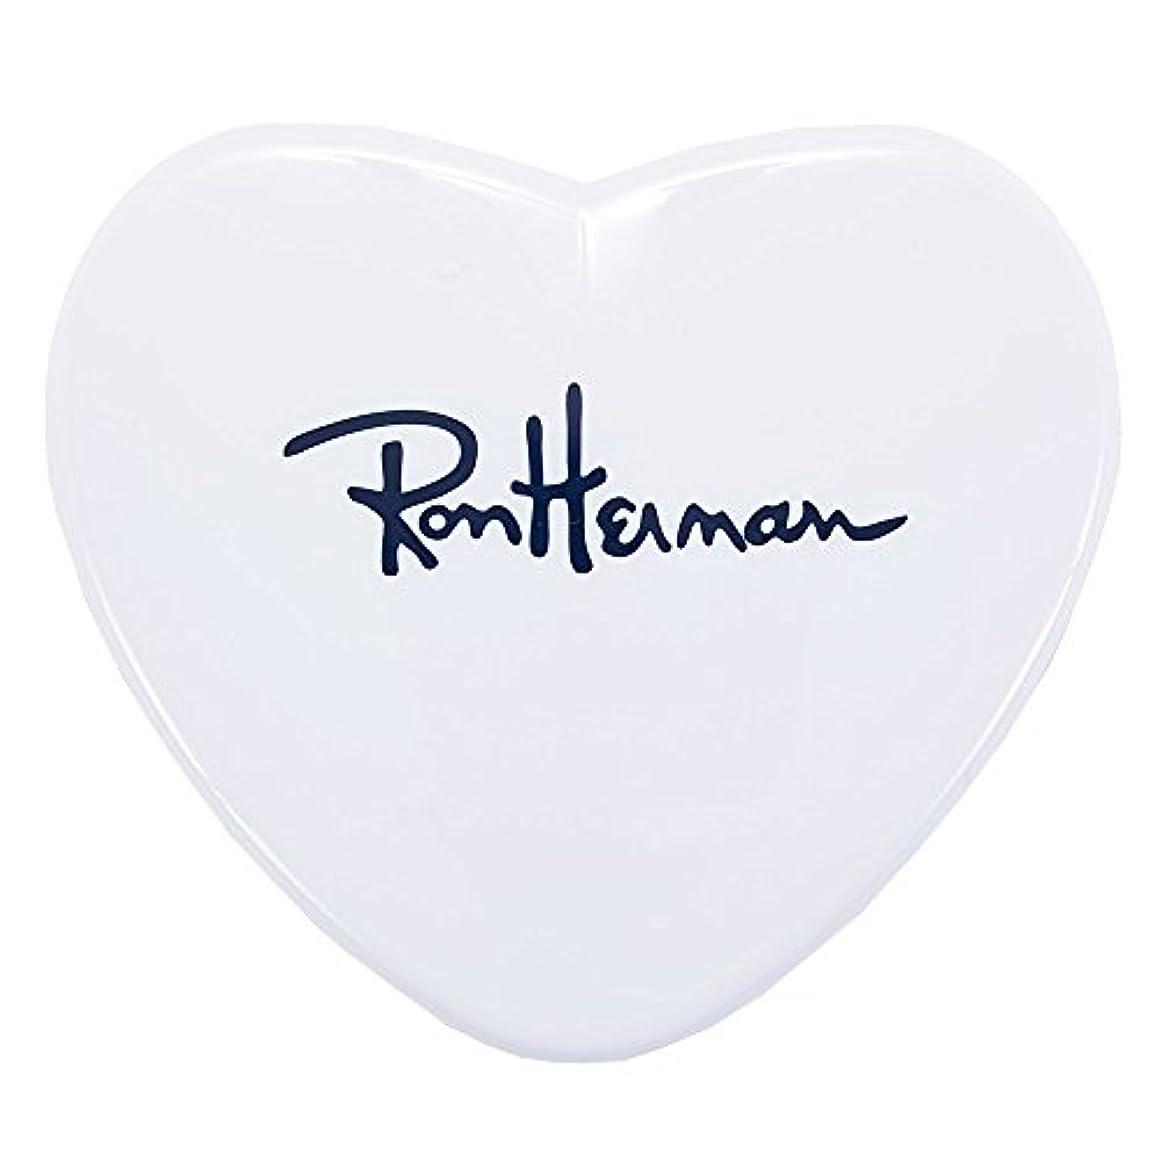 かご理想的には心理学ロンハーマン Ron Herman RH ミラー 鏡 手鏡 ハート型ミラー HEART MILLER